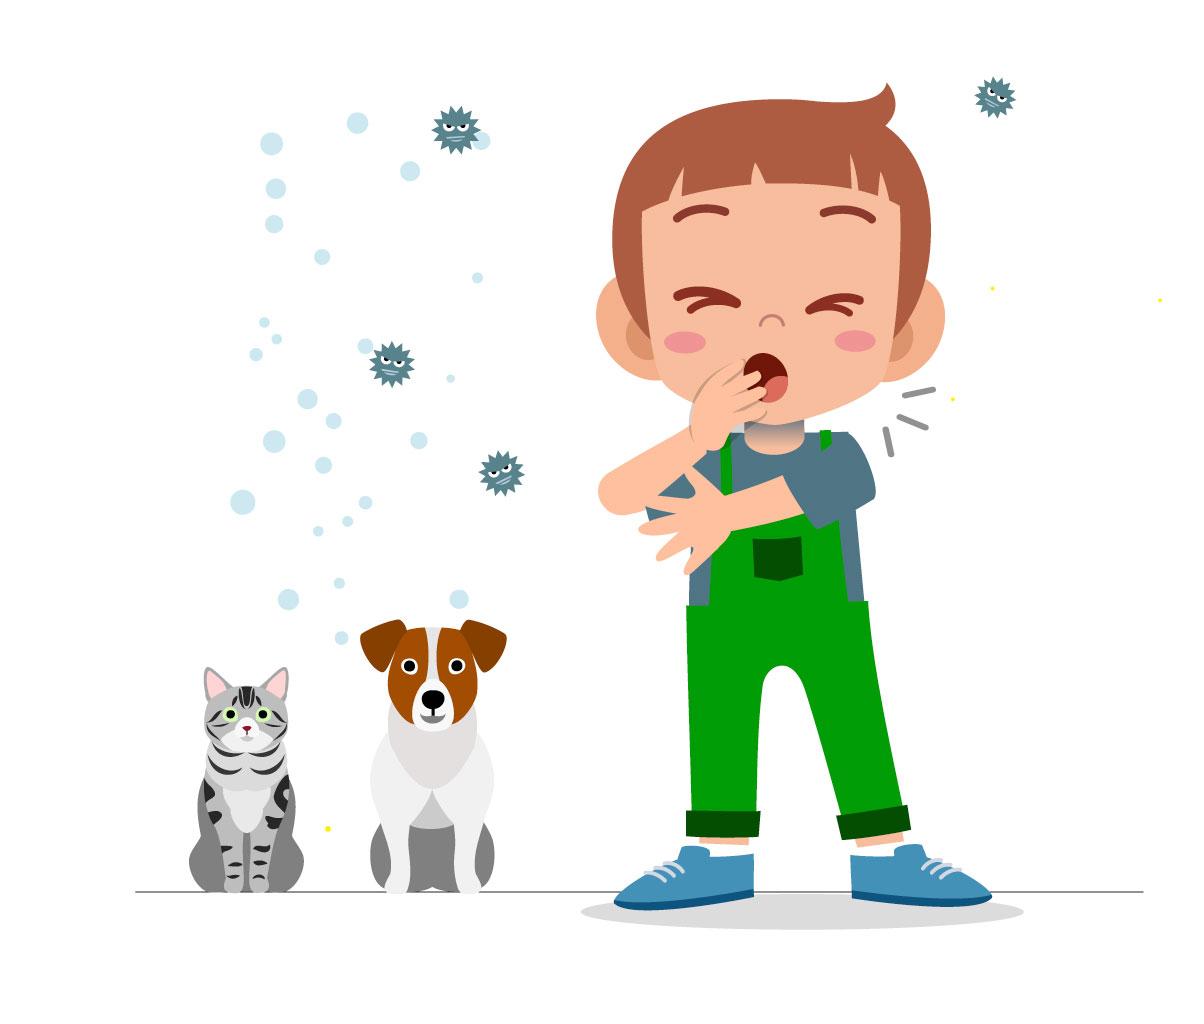 Un respiro di salute - Cause asma acari della polvere